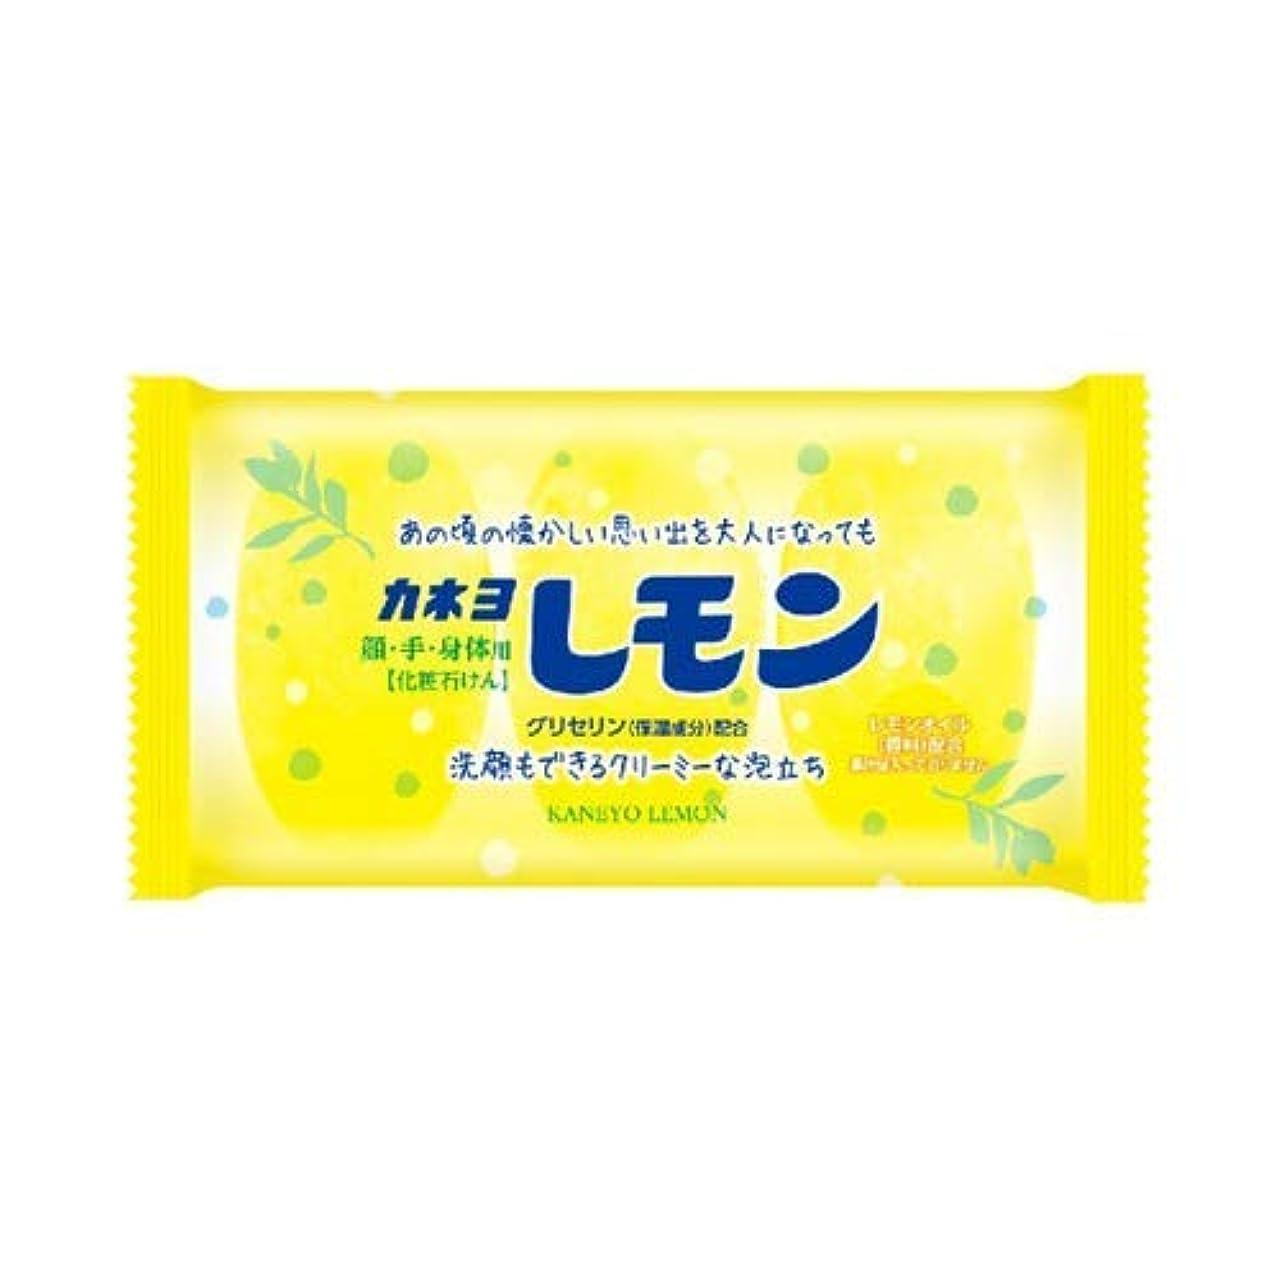 ストリーム税金ご飯レモン石けん × 4個セット